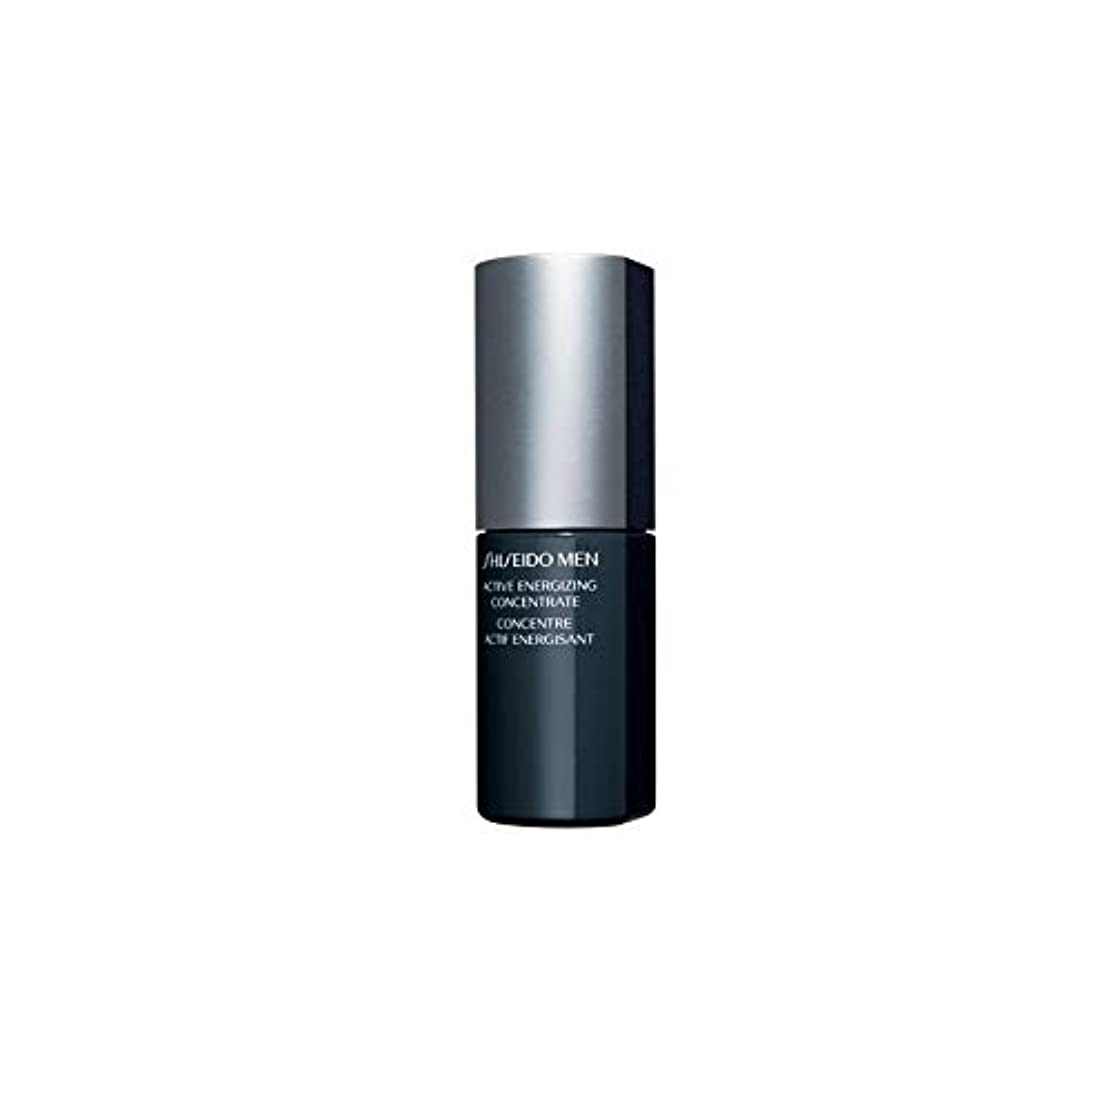 列車放出クスクス[Shiseido ] 資生堂メンズアクティブ通電濃縮液(50ミリリットル) - Shiseido Mens Active Energizing Concentrate (50ml) [並行輸入品]